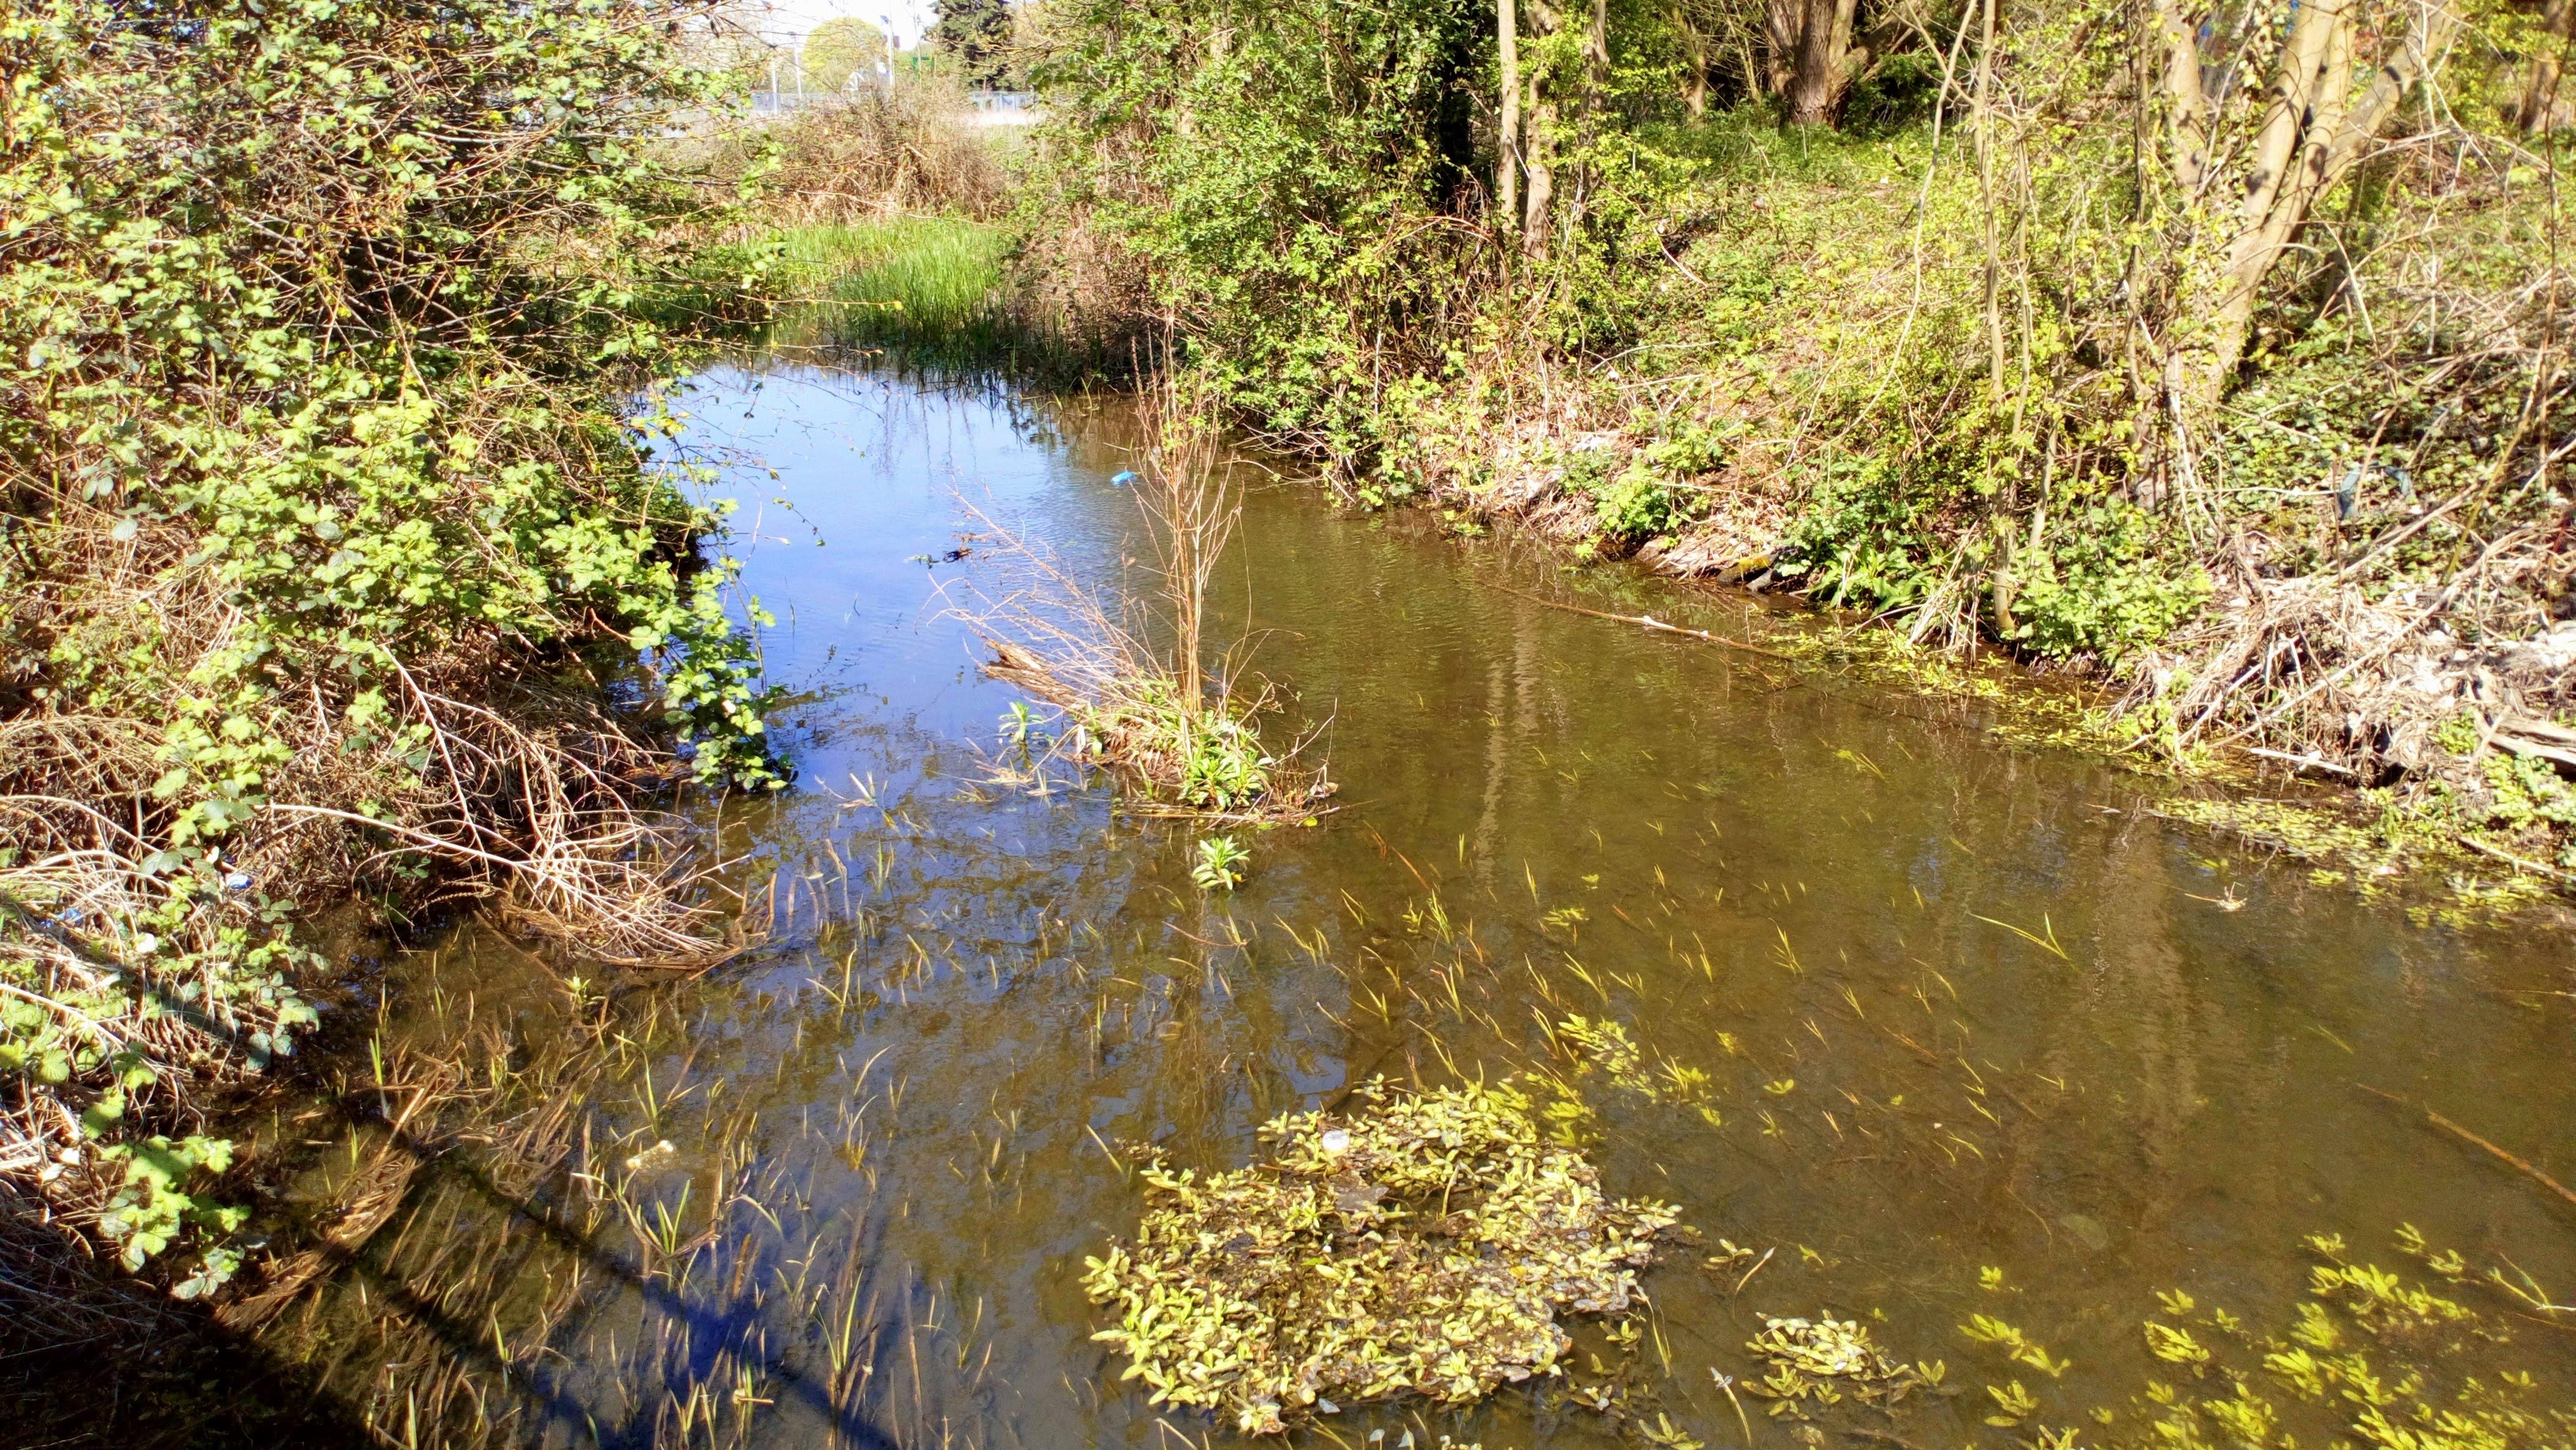 Waist deep silt deposition 650m upstream from the weir